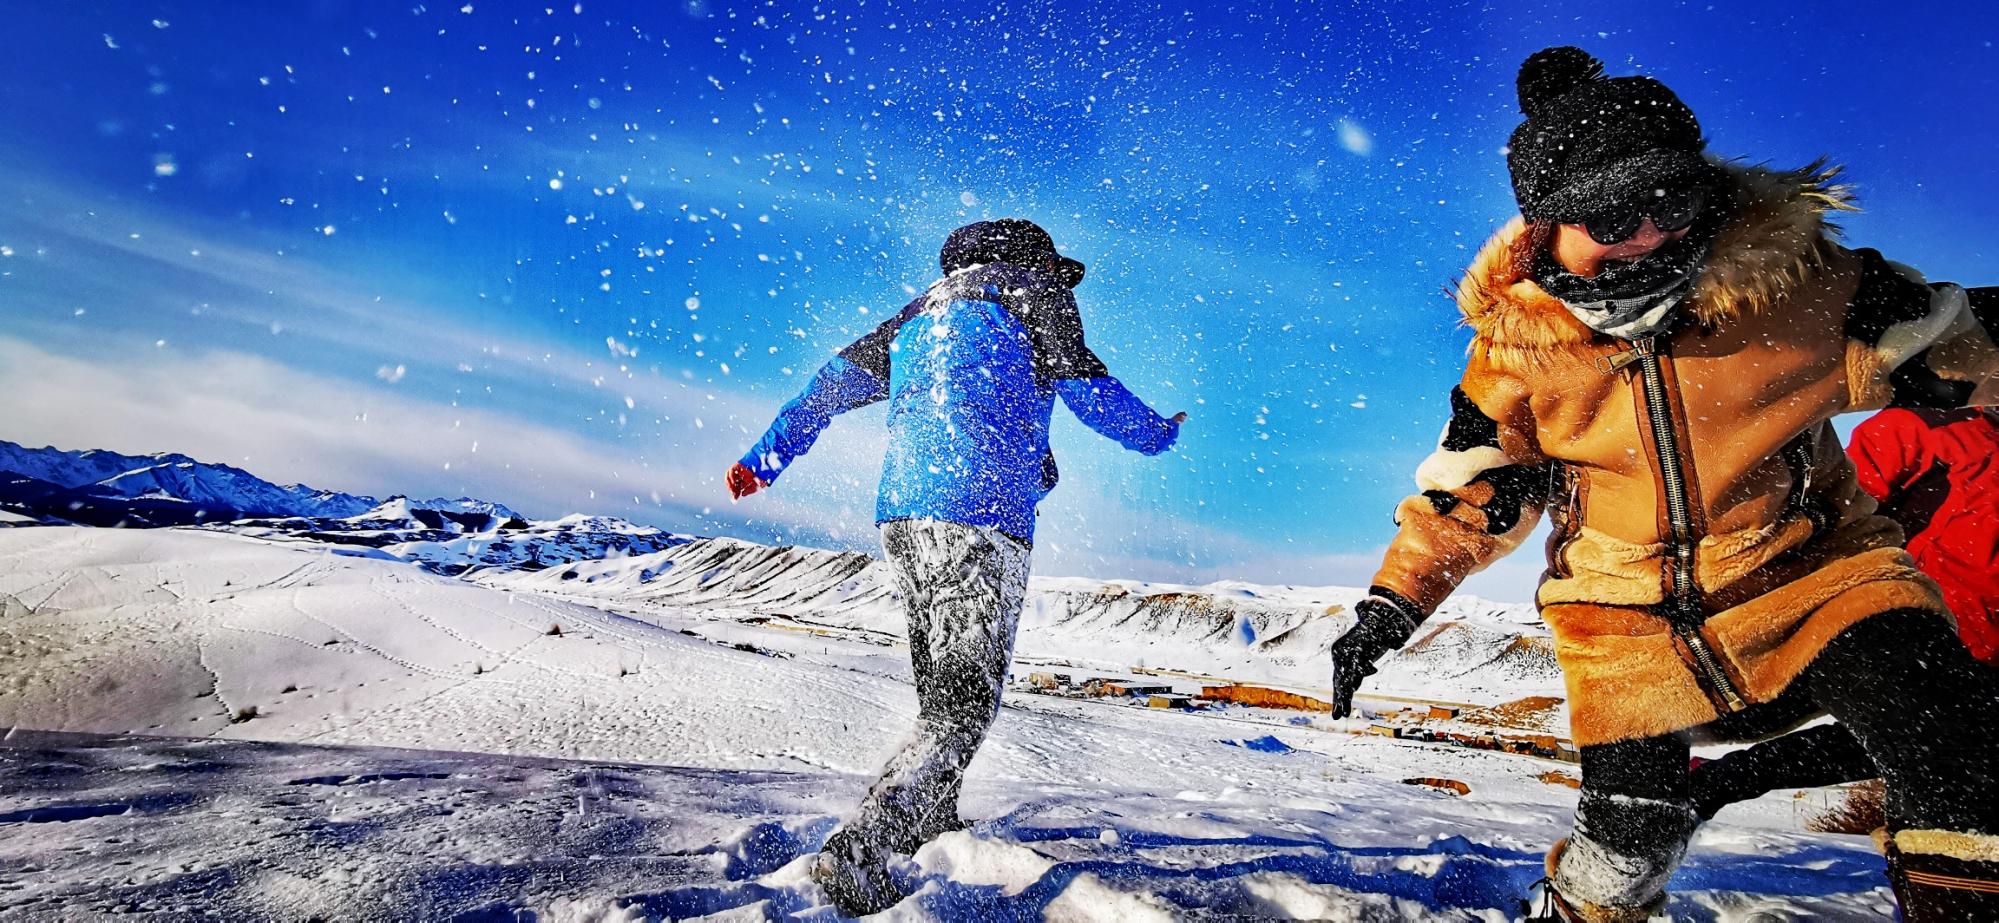 新疆乌鲁木齐南山  雪中嬉戏的人们  平哥1966 华为P30.jpg